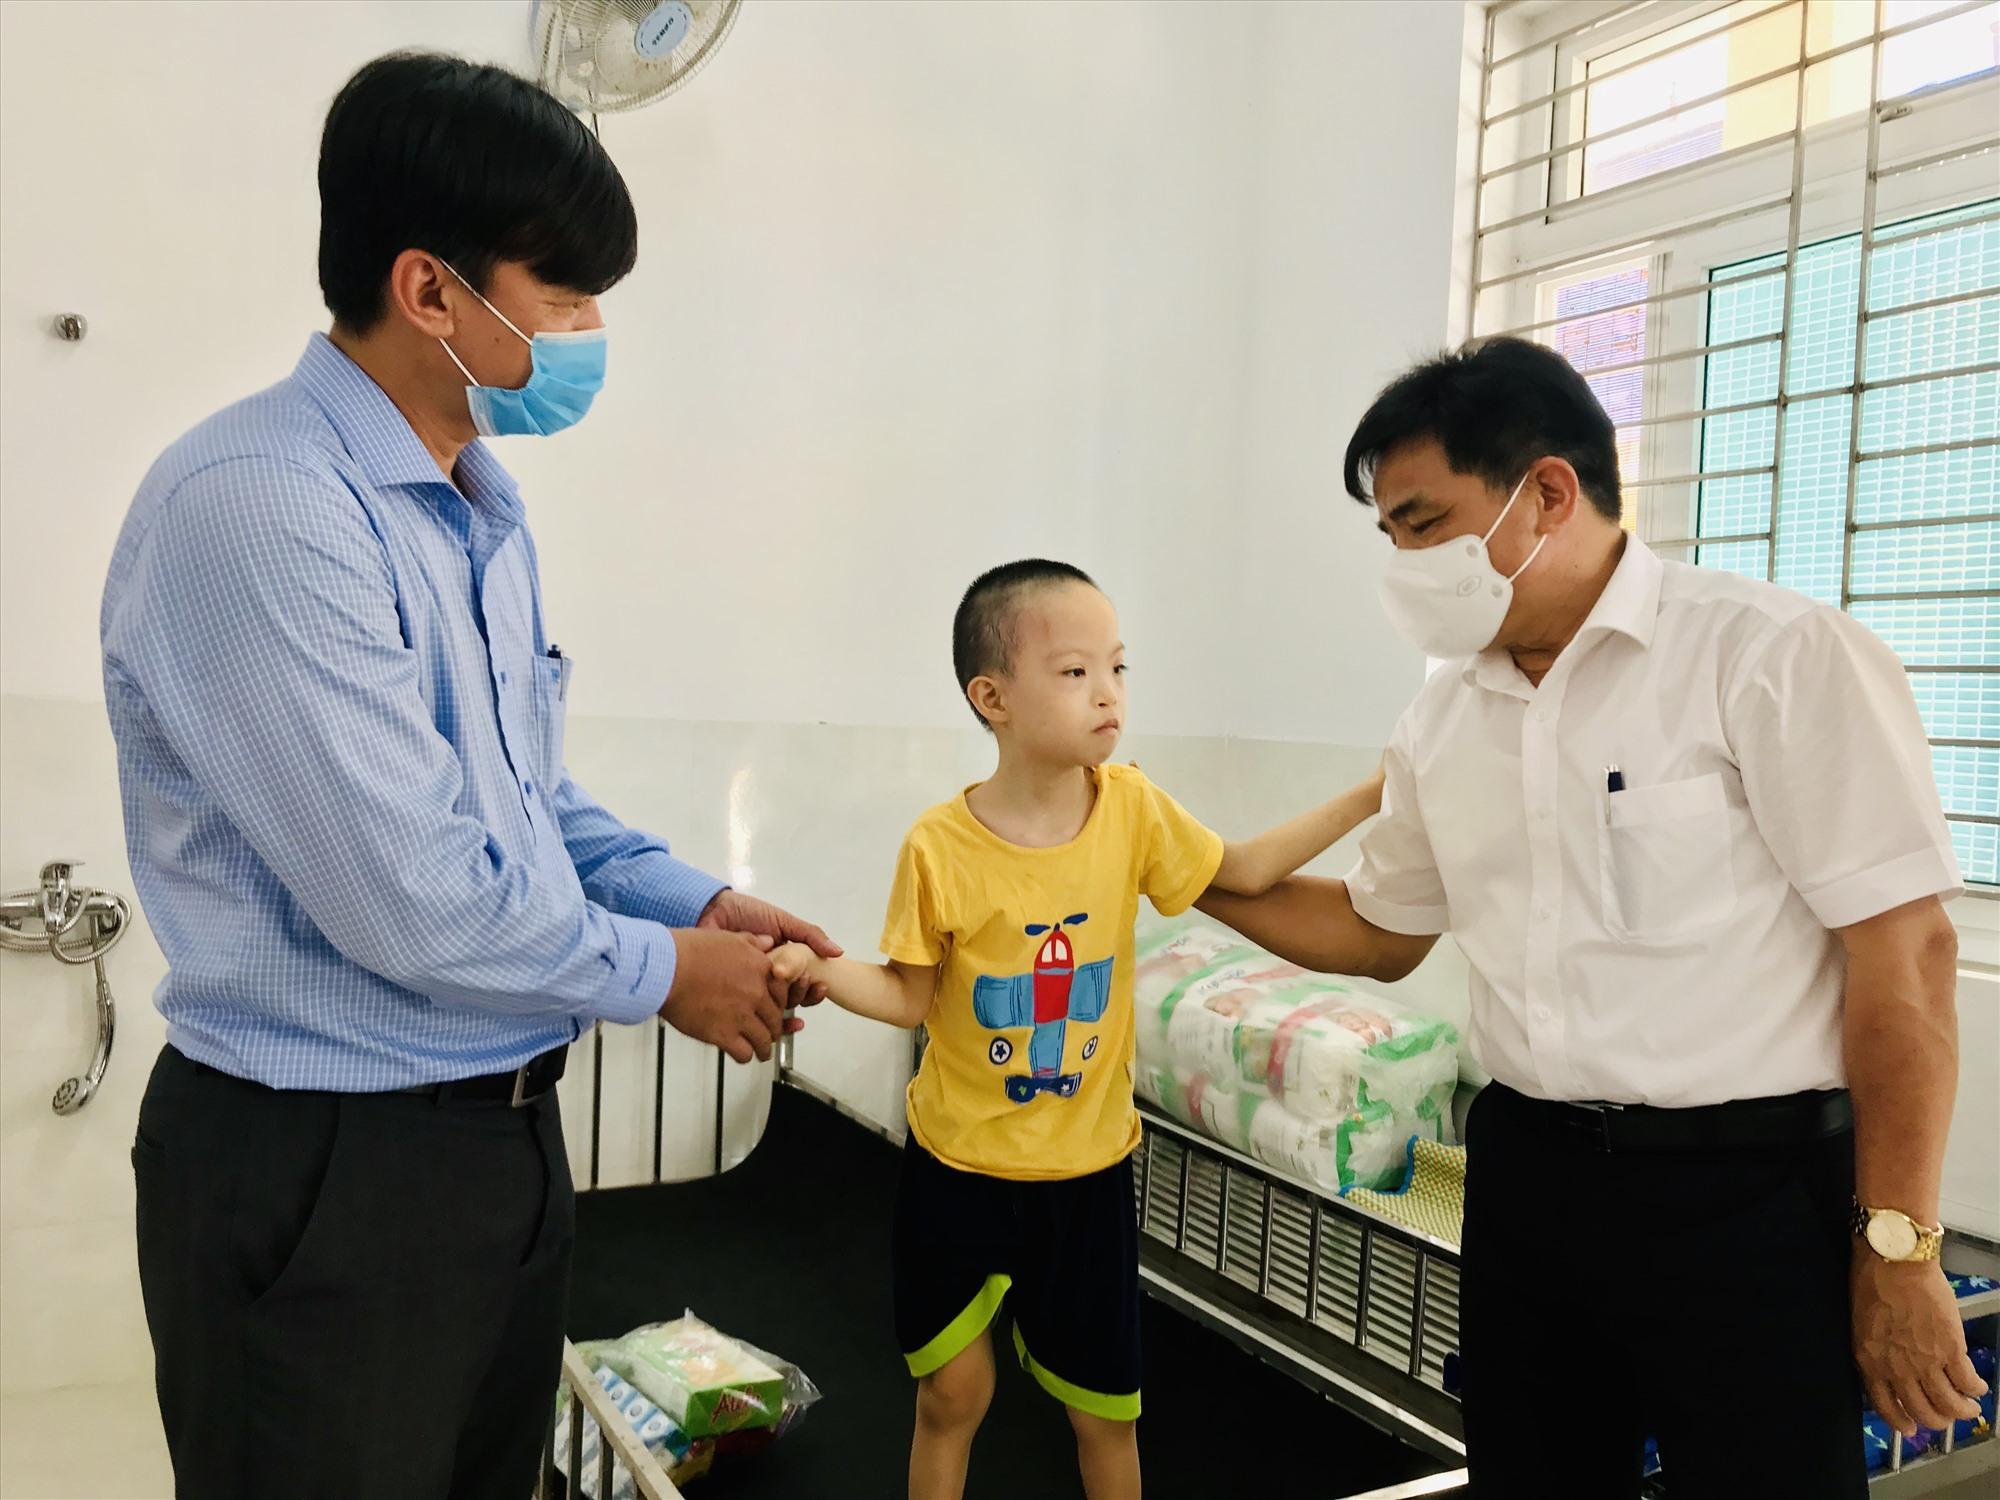 Đồng chí Lê Văn Dũng động viên một trẻ khuyết tật tại trung tâm. Ảnh: Q.T